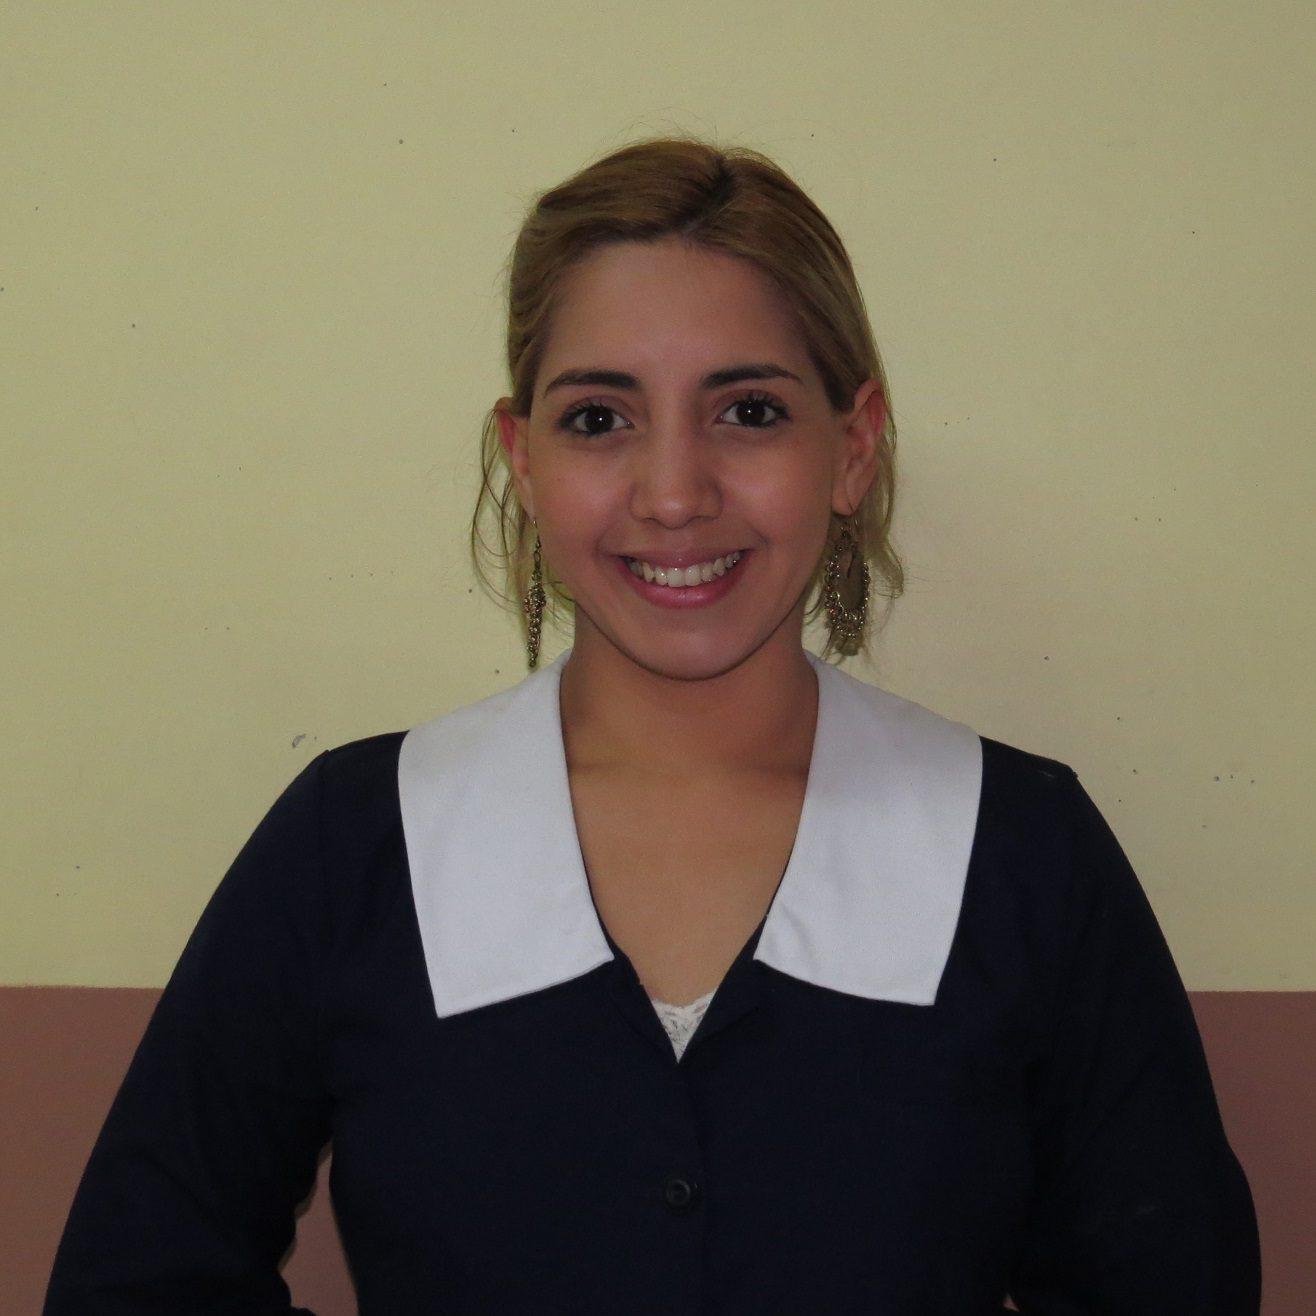 KATERINE-HERNANDEZ